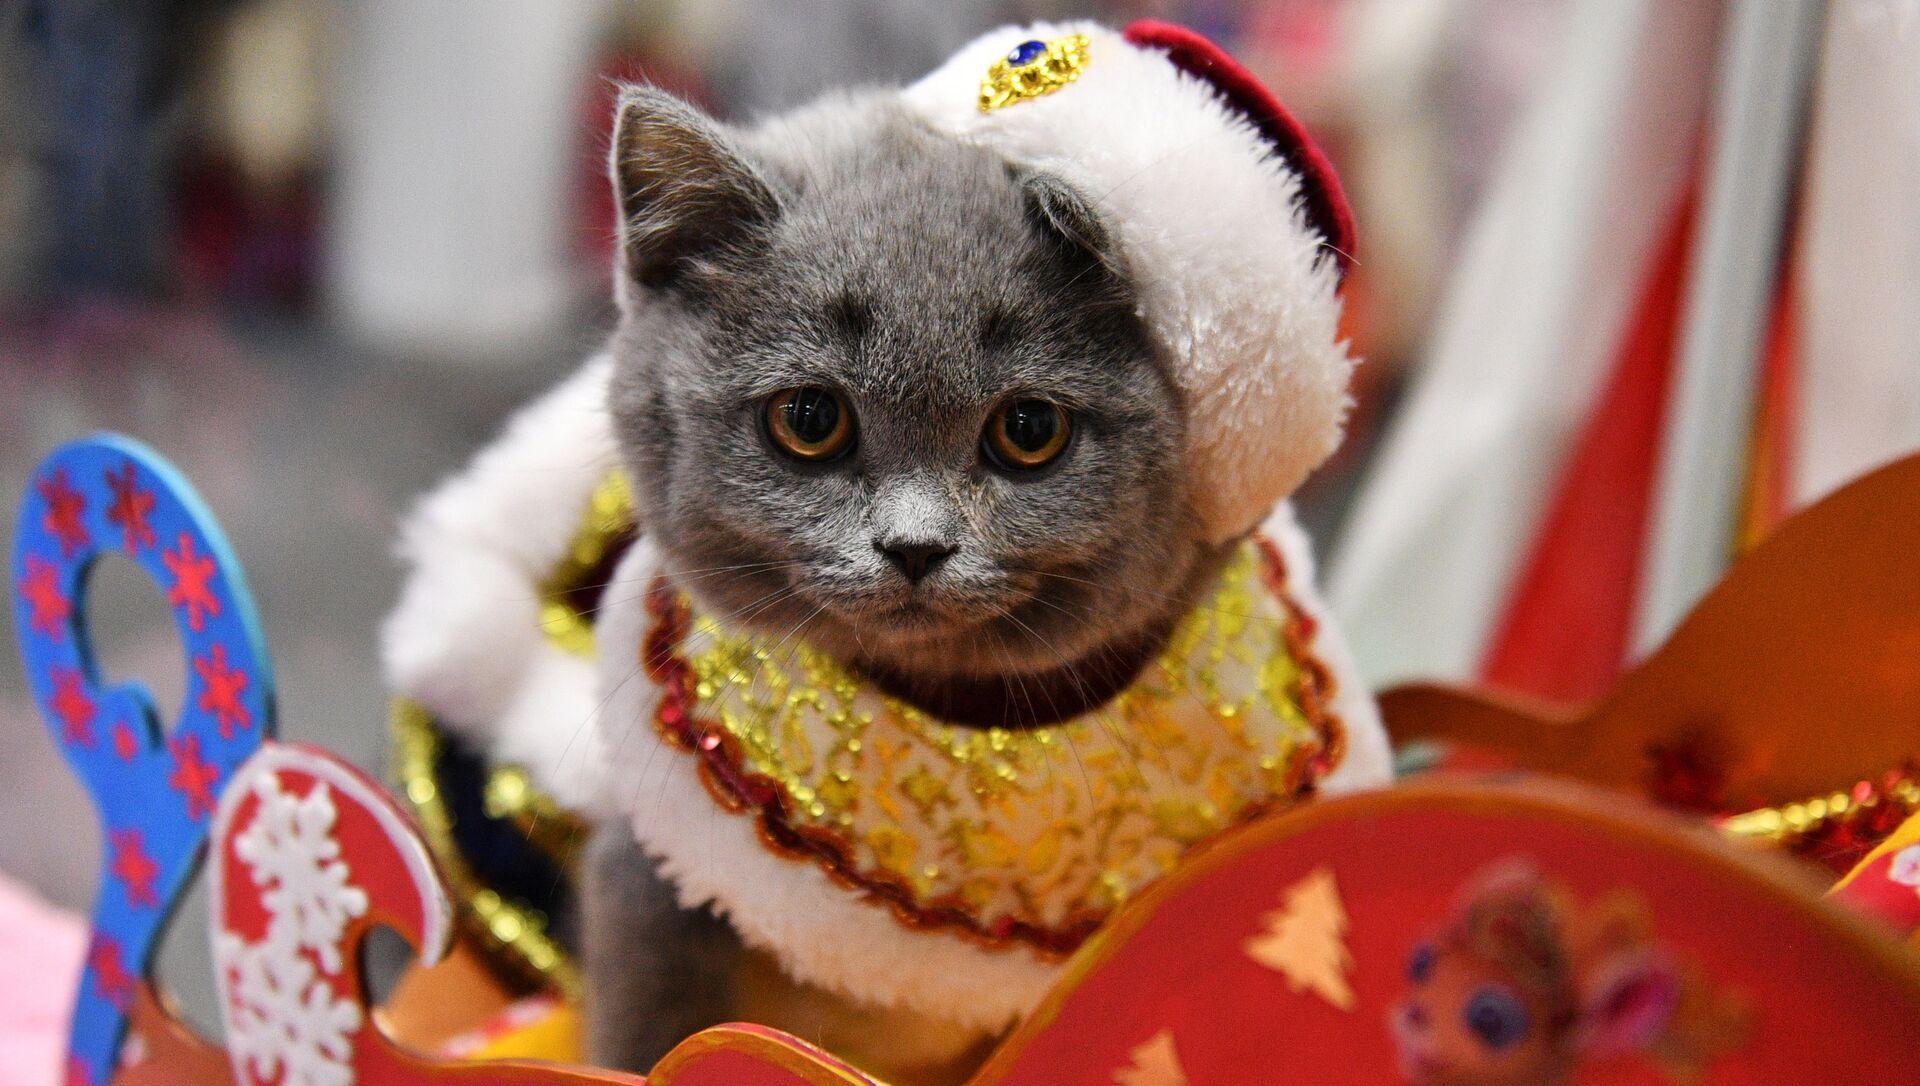 Котенок породы британская в костюме Деда Мороза на выставке КоШарики Шоу в Москве - РИА Новости, 1920, 05.12.2020